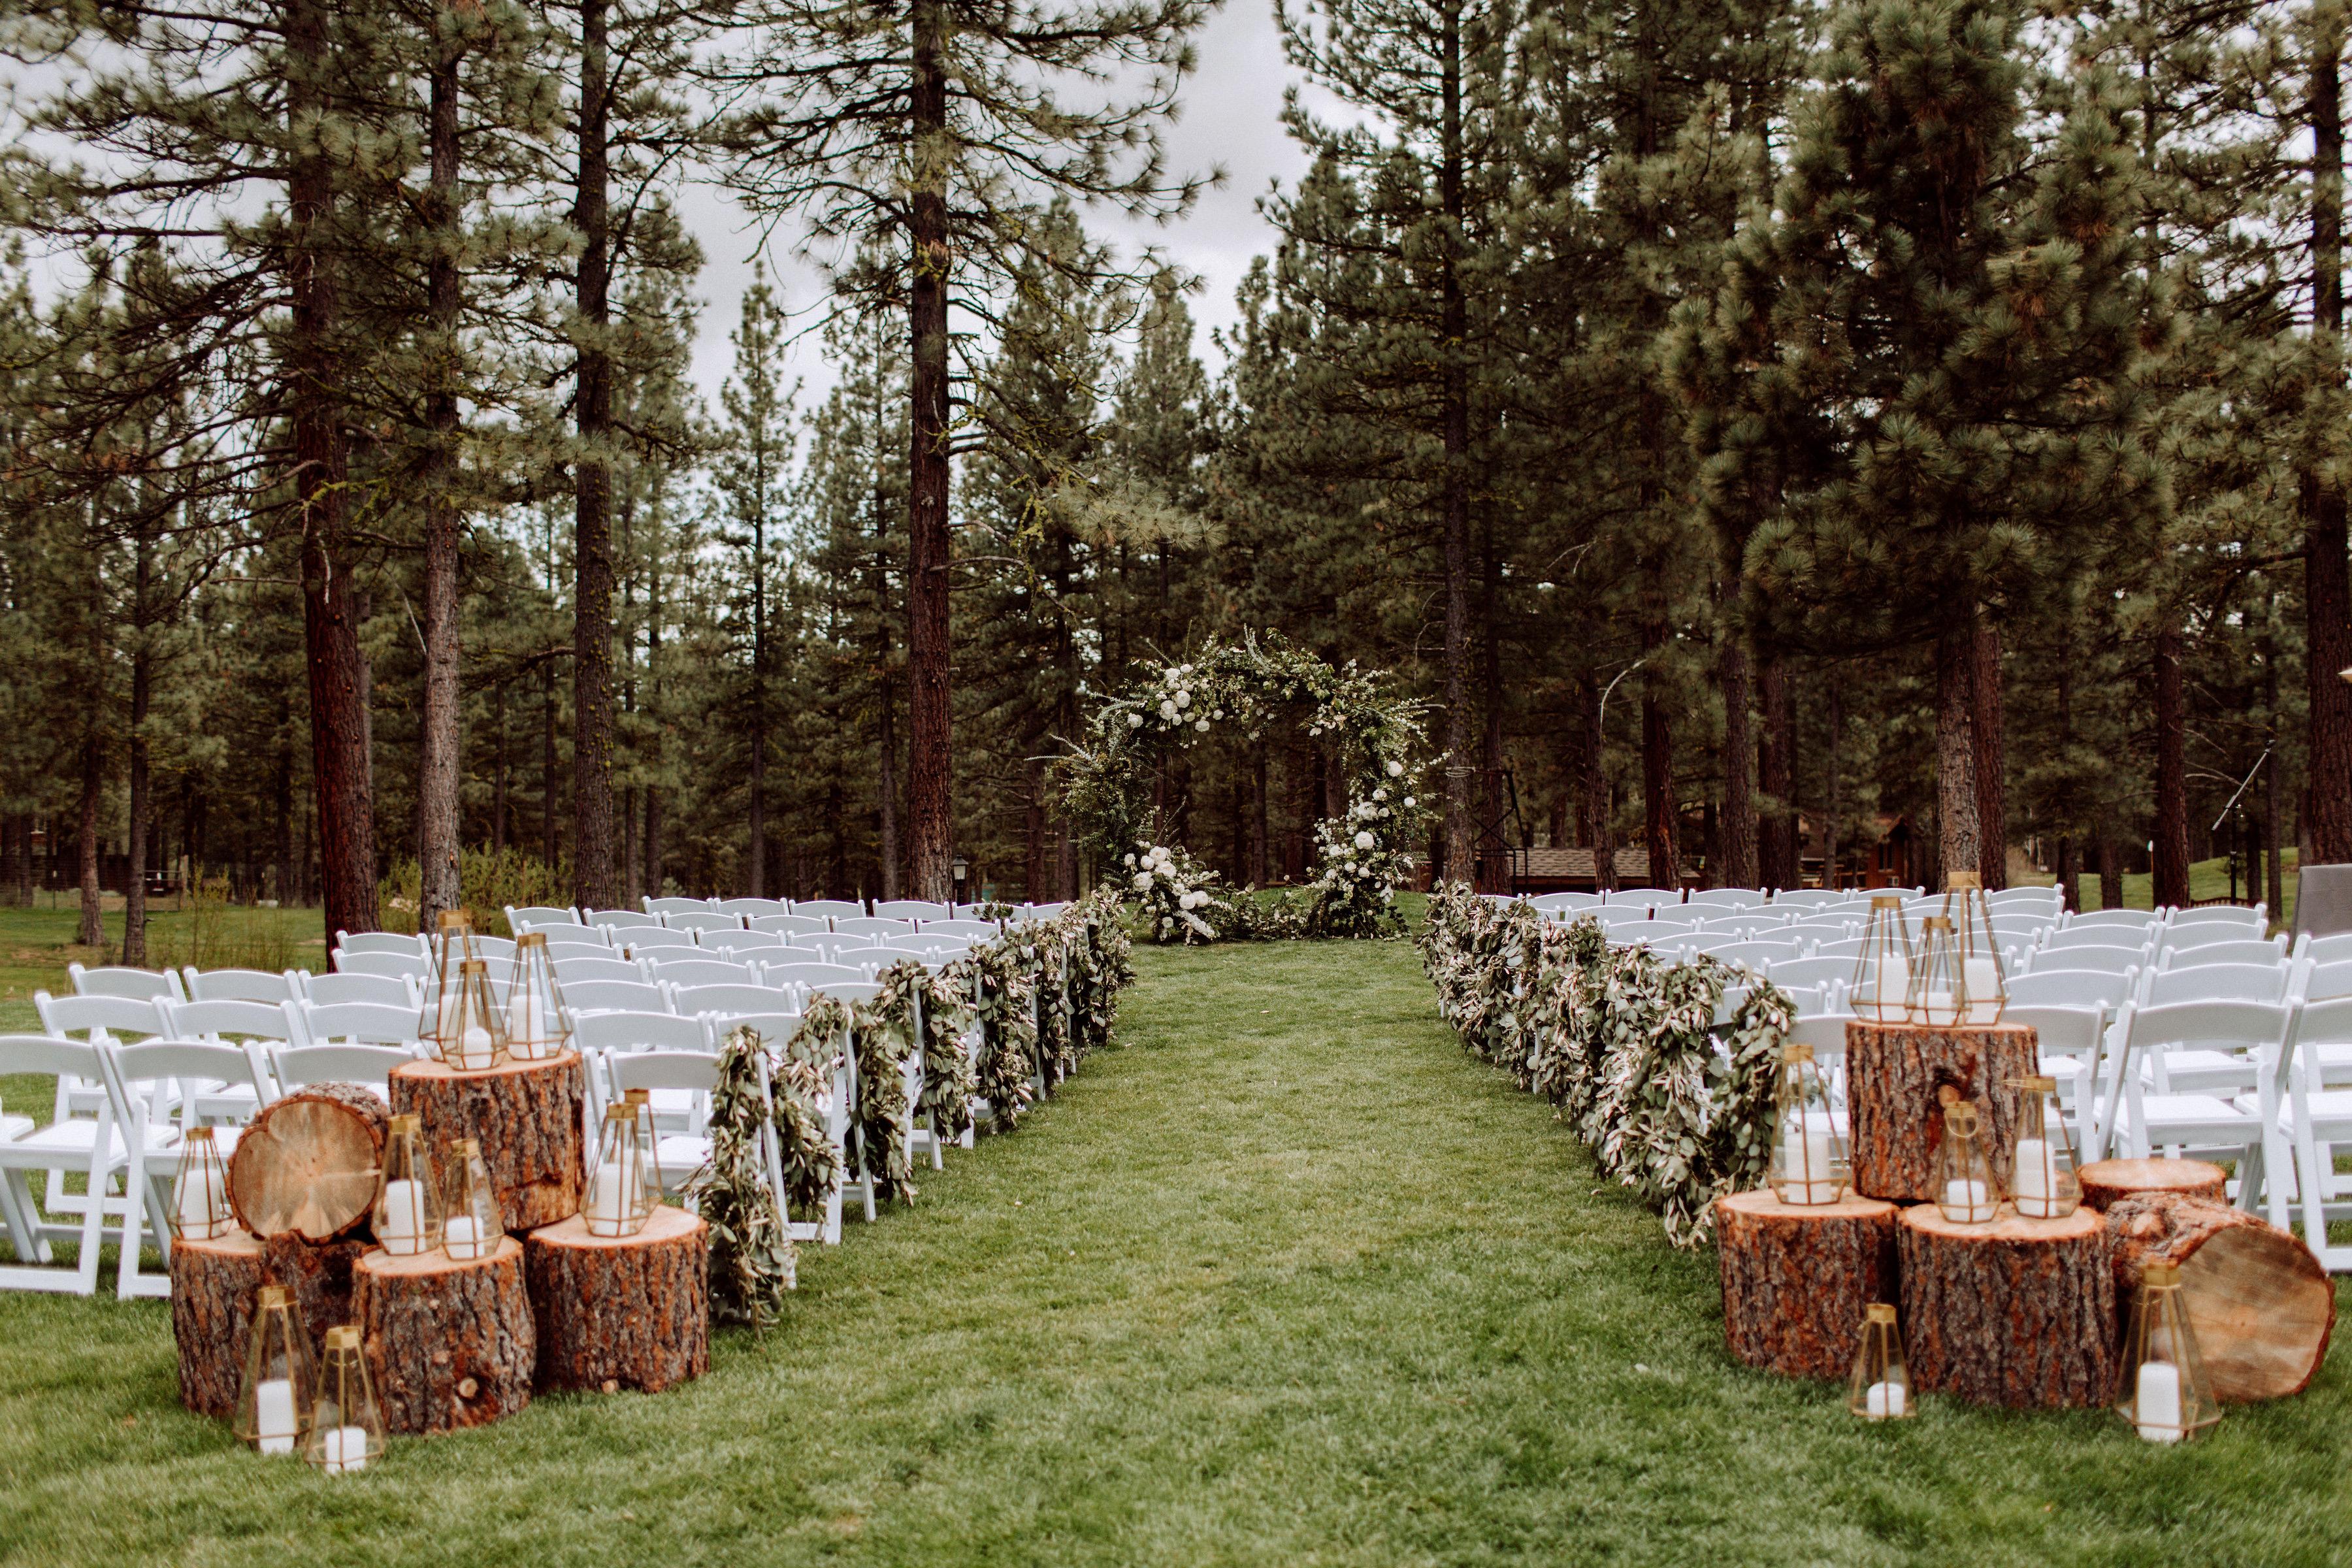 Court & Kelsey outdoor wedding venue